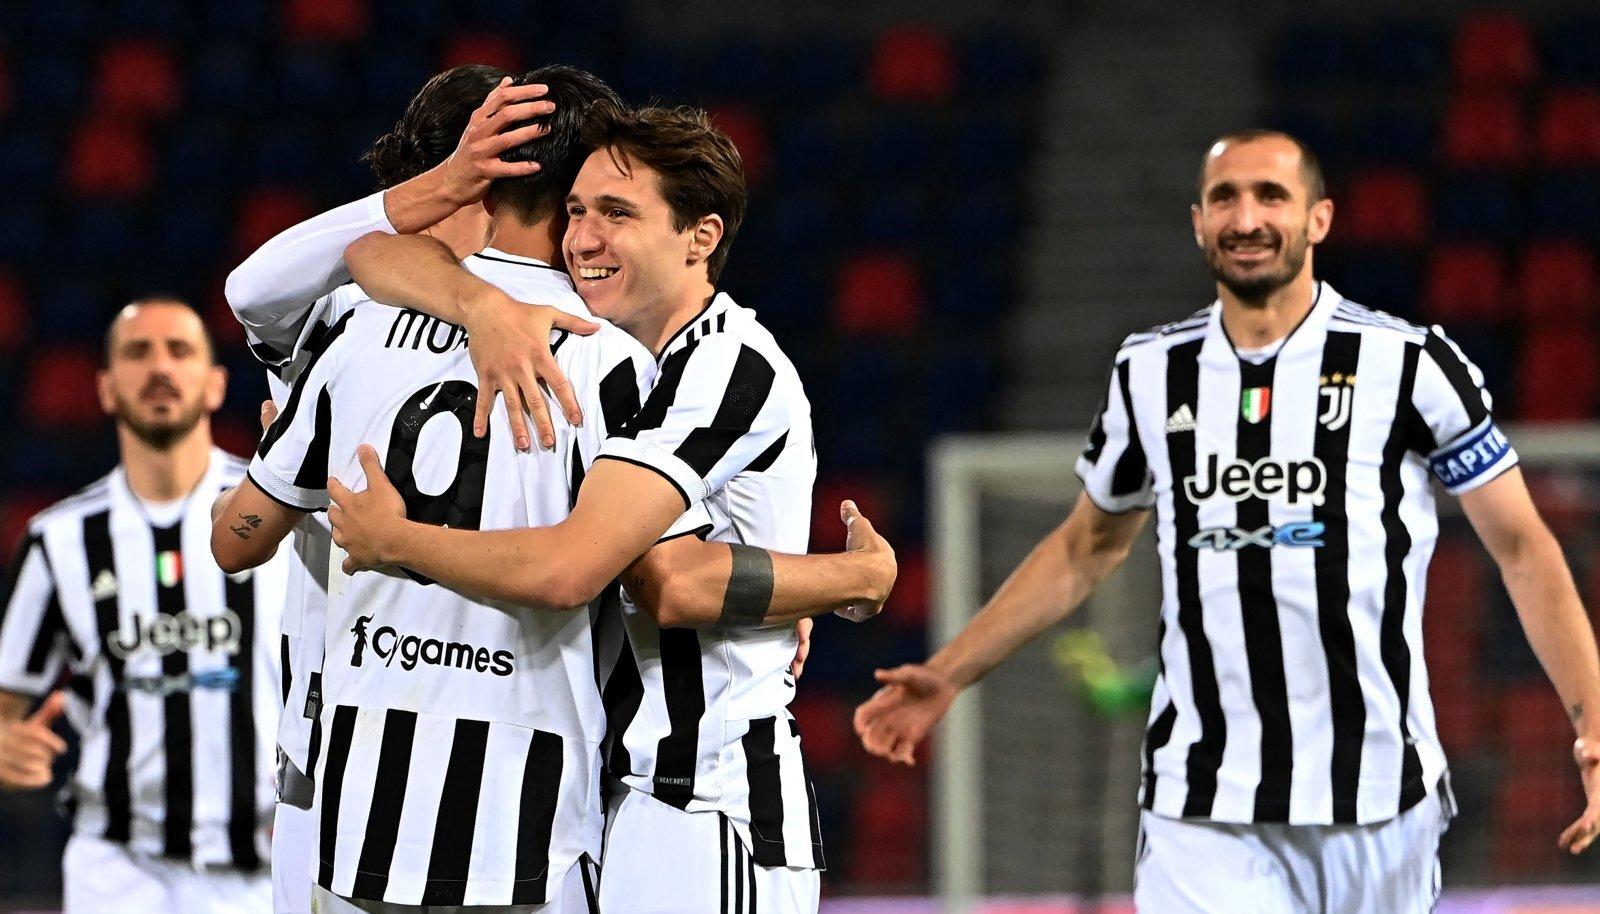 Torino Juventuse mängjiad väravat tähistamas.